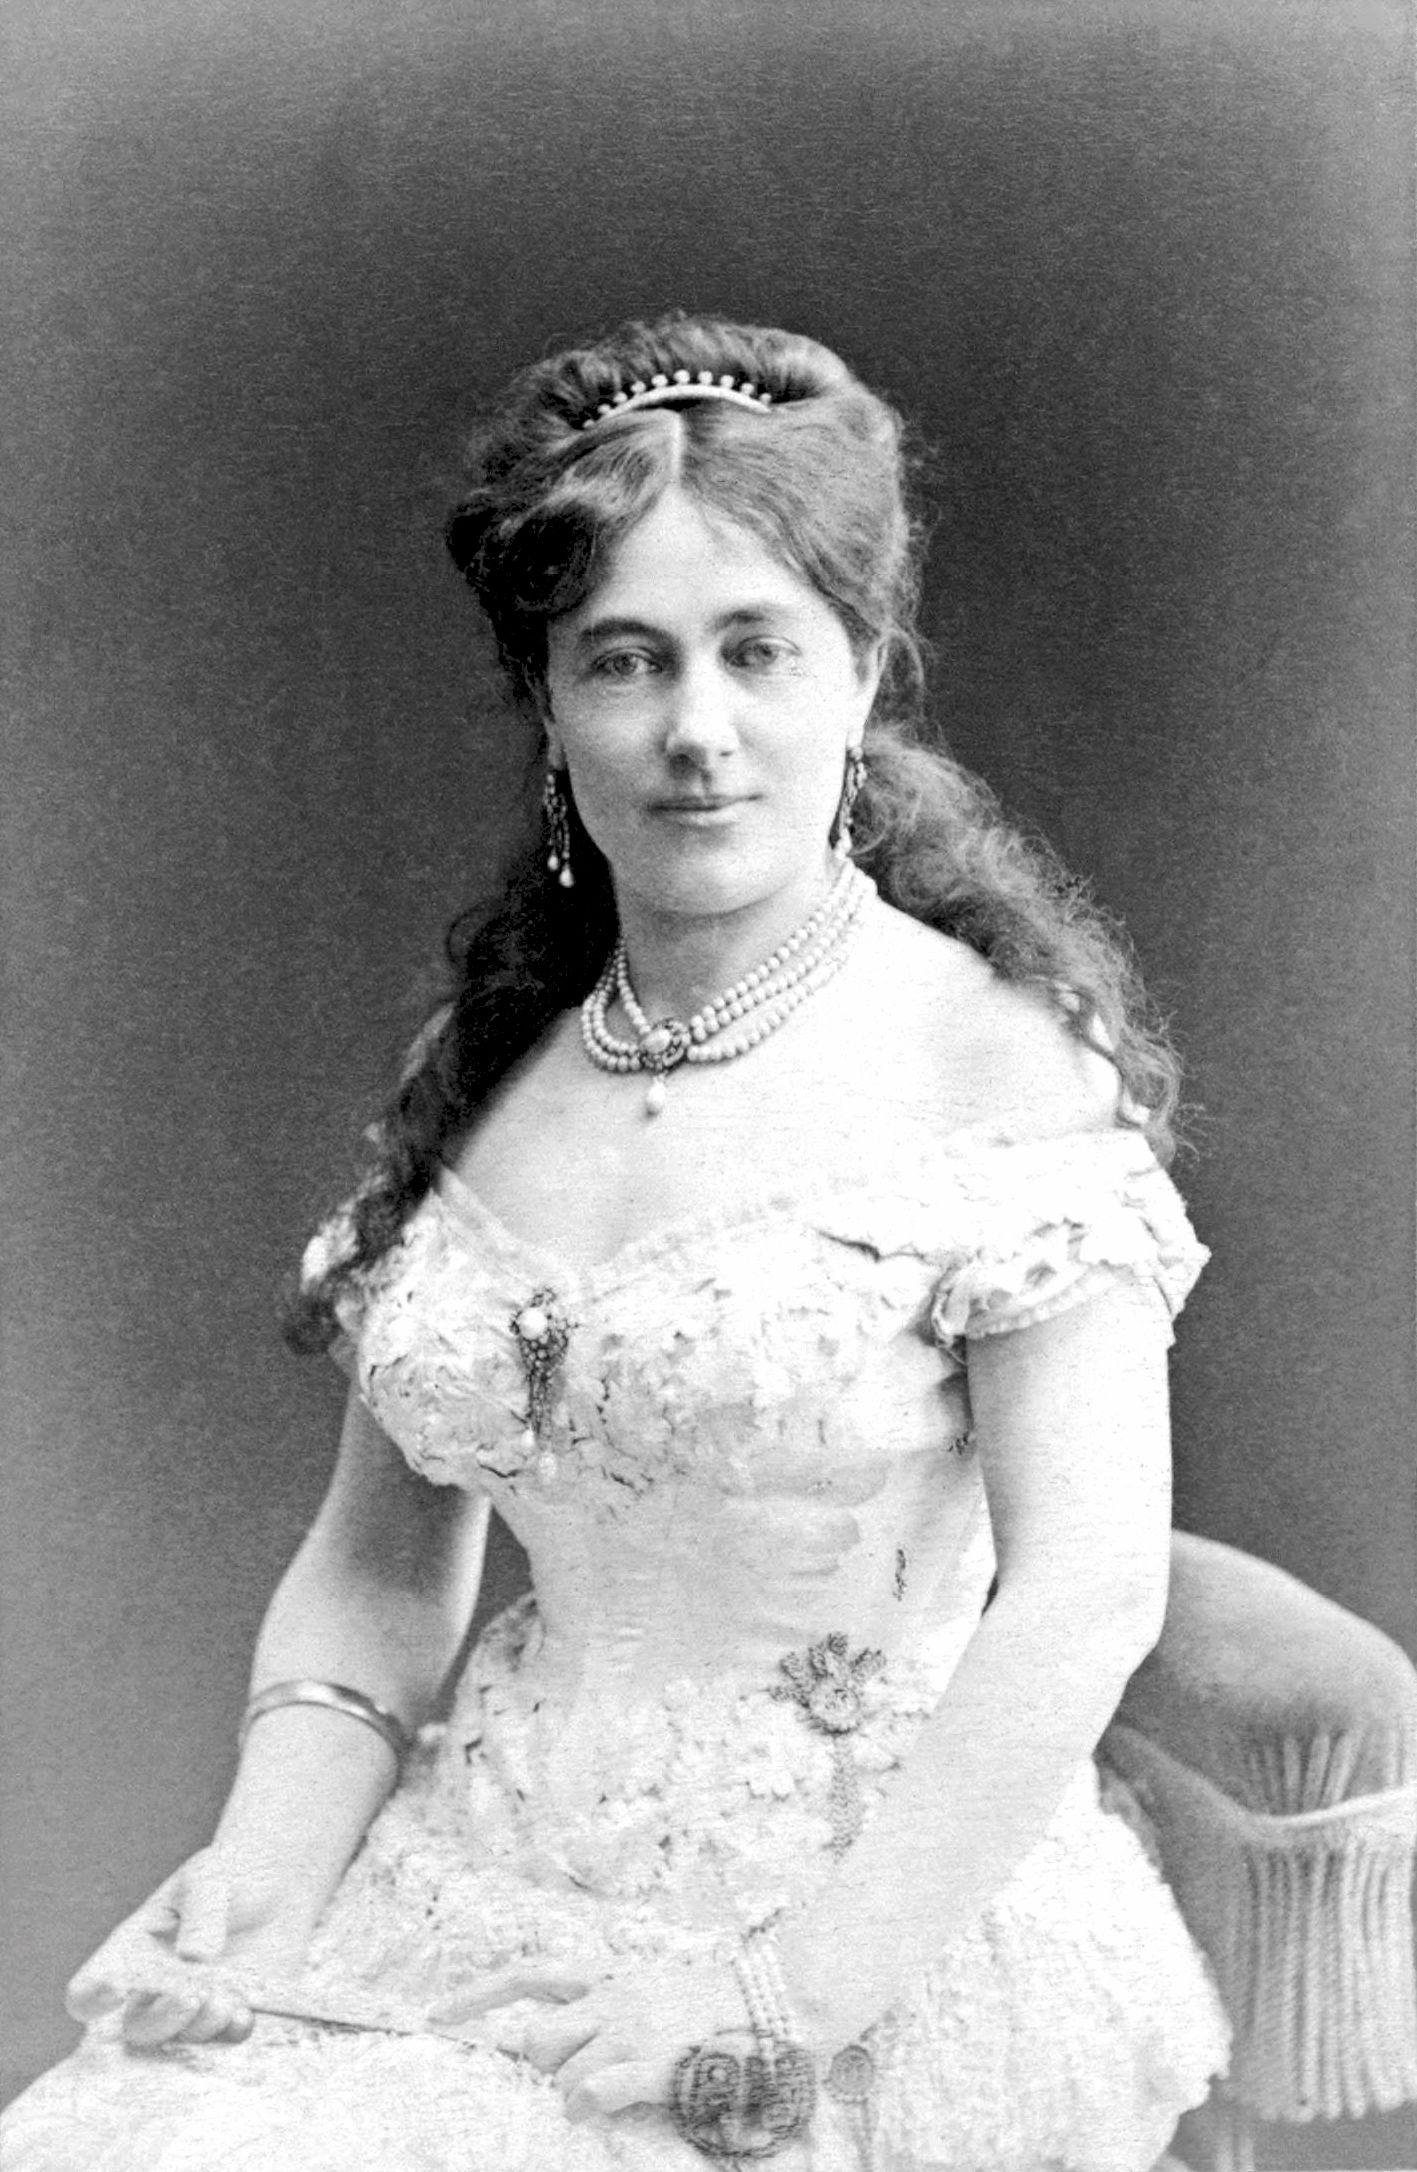 Juliette Adam portréja (fotó: Nadar/Wikipedia)